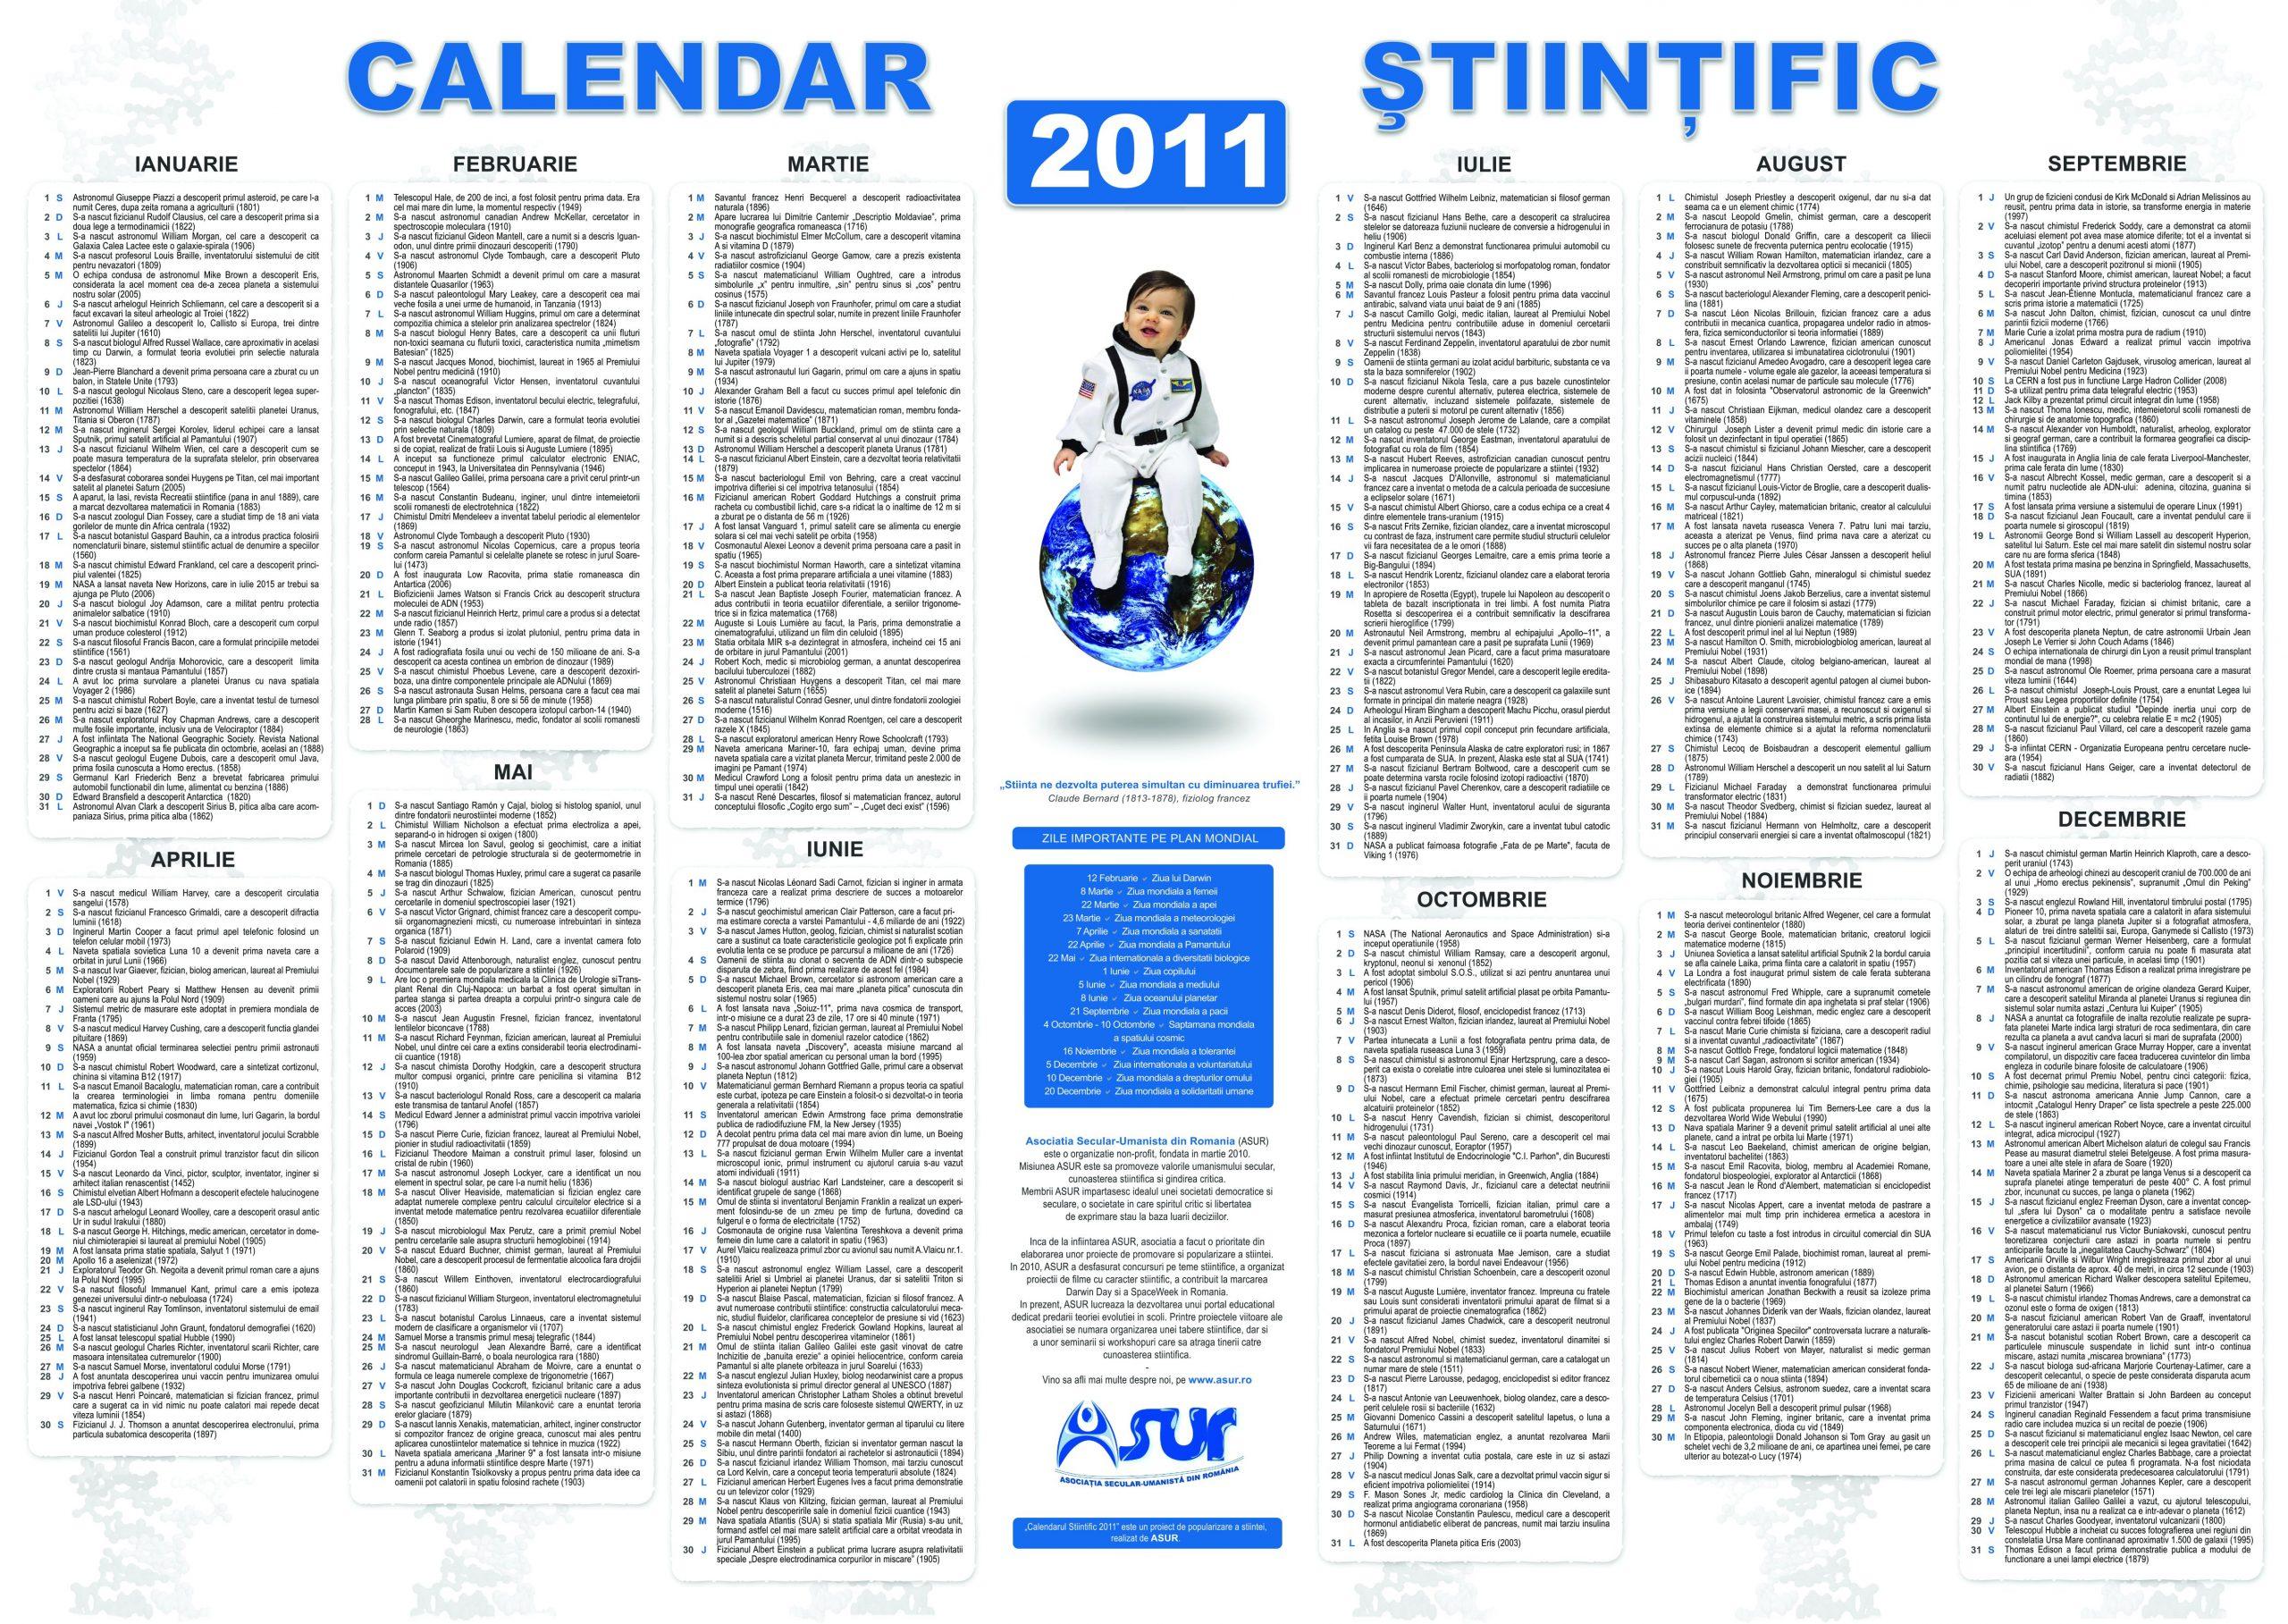 calendar stiintific 2011 prima editie